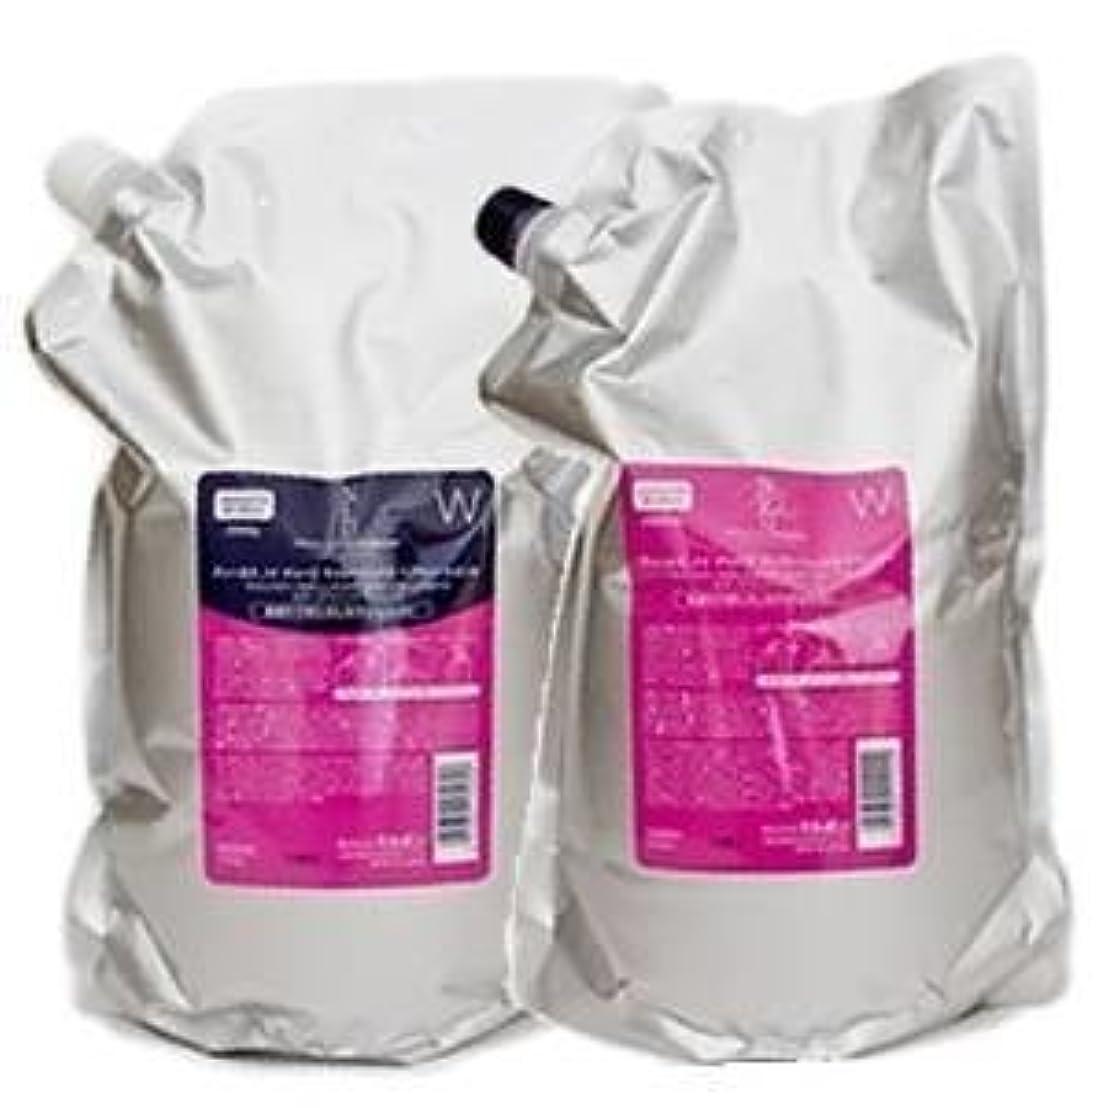 ハンバーガー粘土重要ミルボン ディーセス ノイ ドゥーエ ウィローリュクス シャンプー&トリートメント W 1000ml,1000g 業務用詰替えパックまとめ買いセット